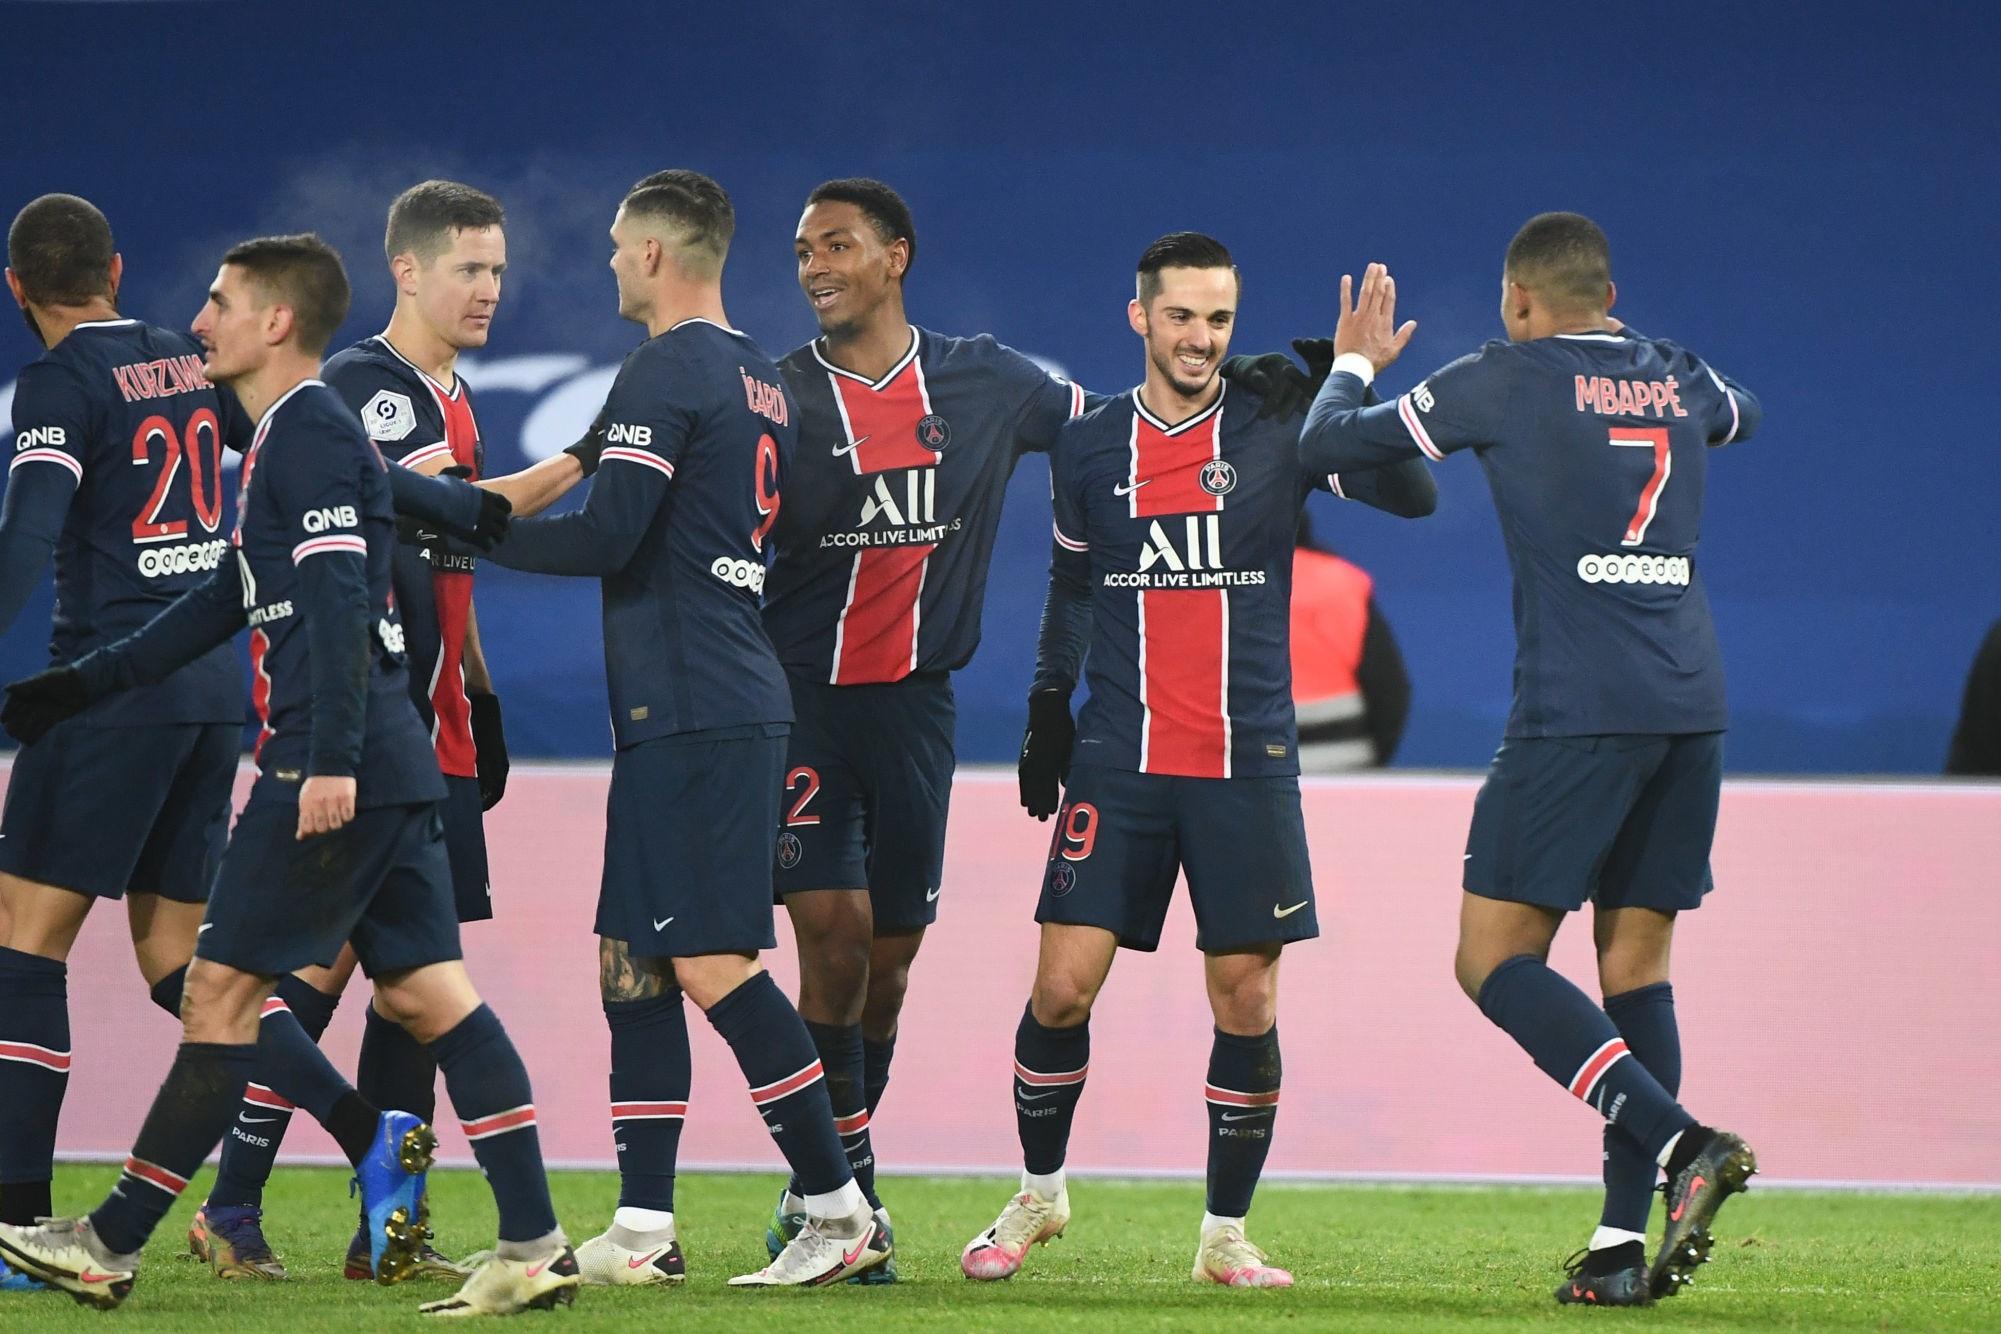 PSG/Brest - Qui a été le meilleur joueur parisien ?